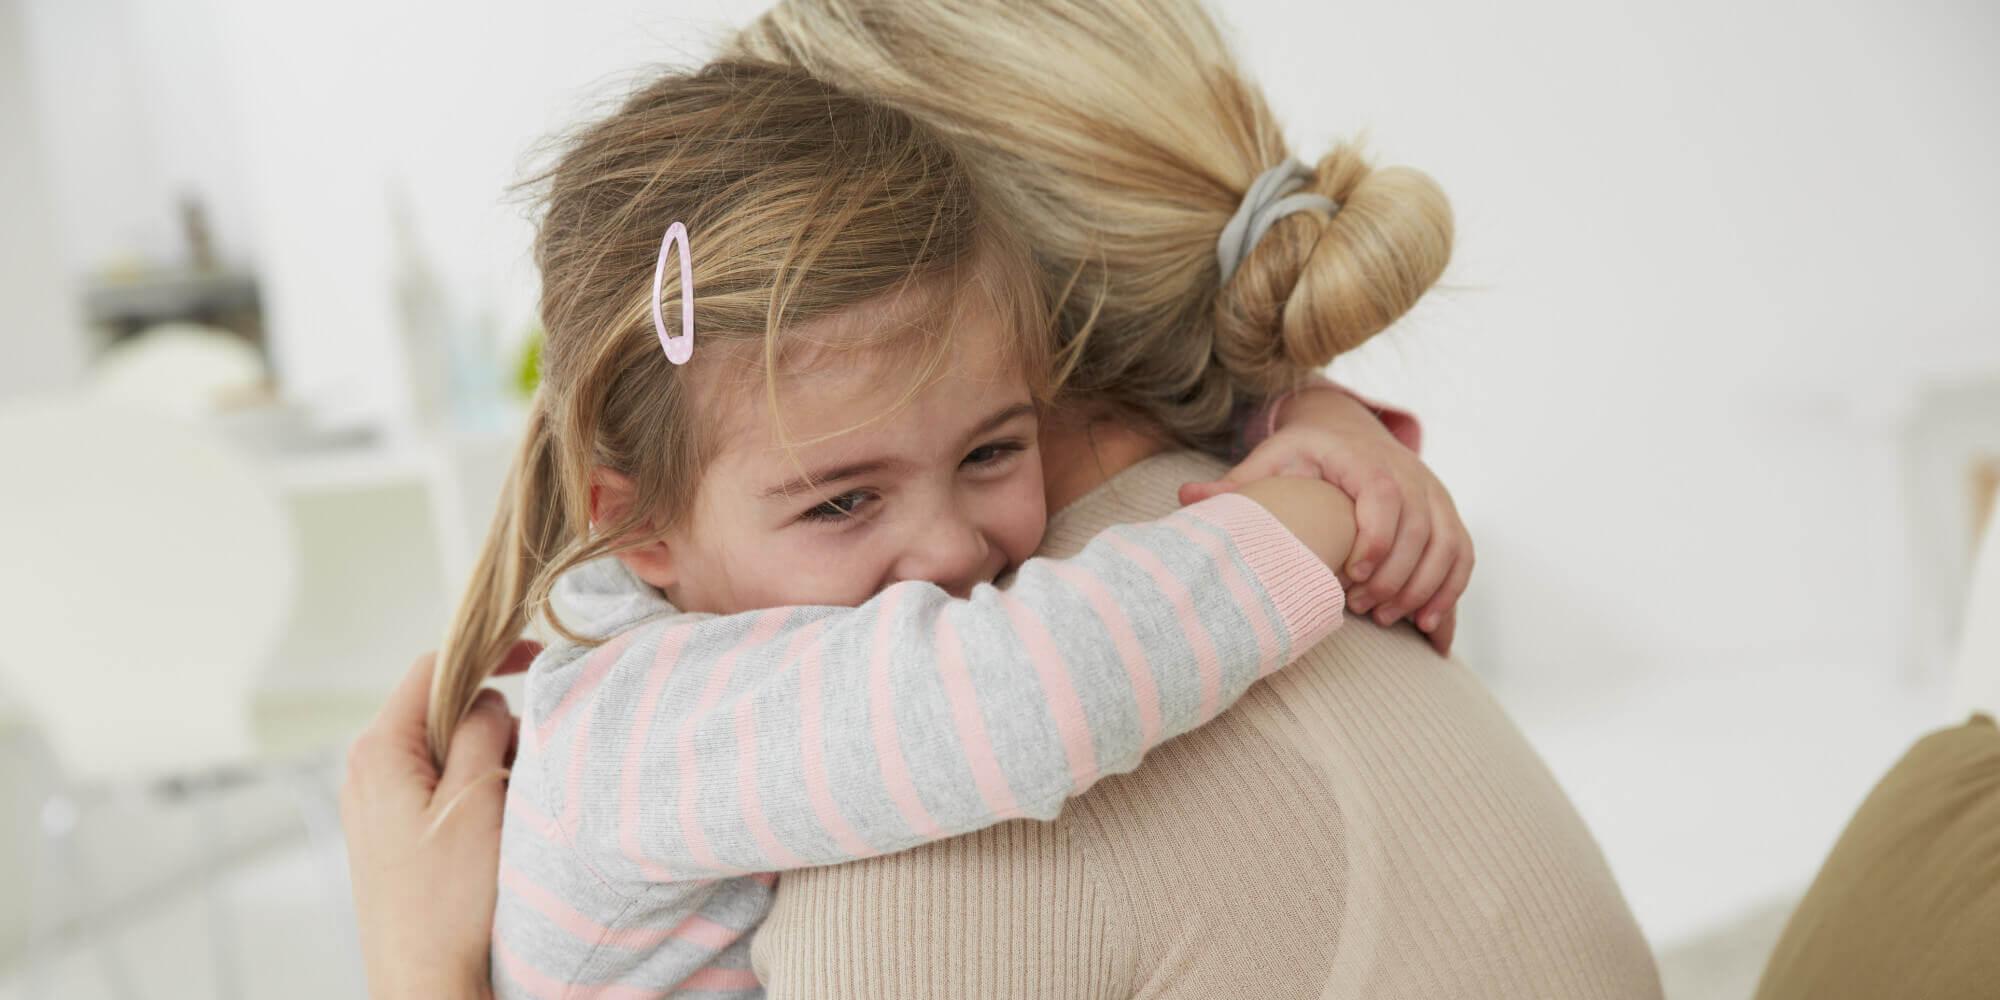 Les peurs des enfants doivent être abordées avec amour et patience.